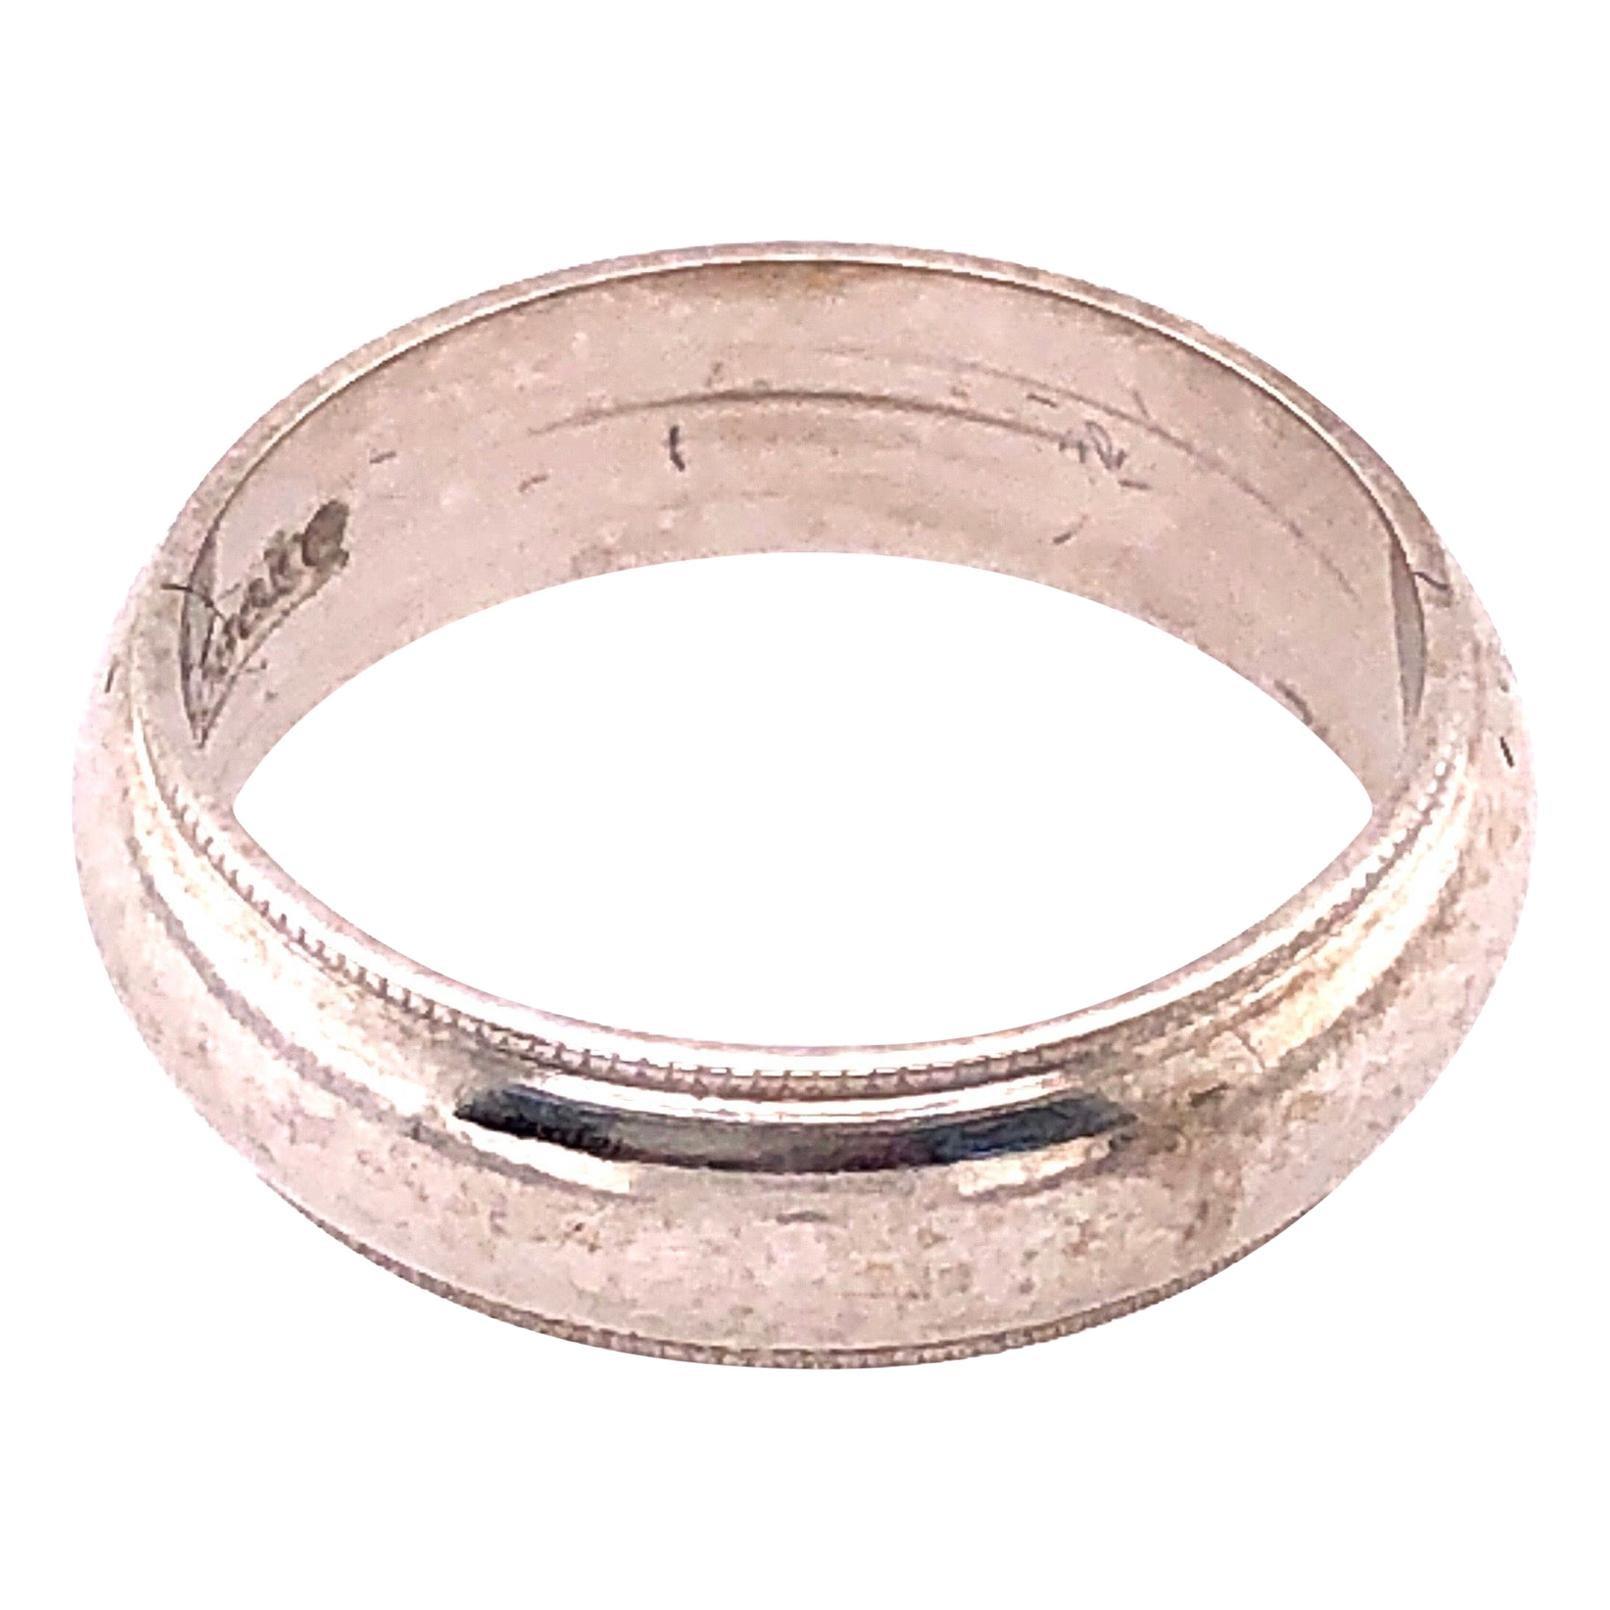 14 Karat White Gold Wedding Band Bridal Ring